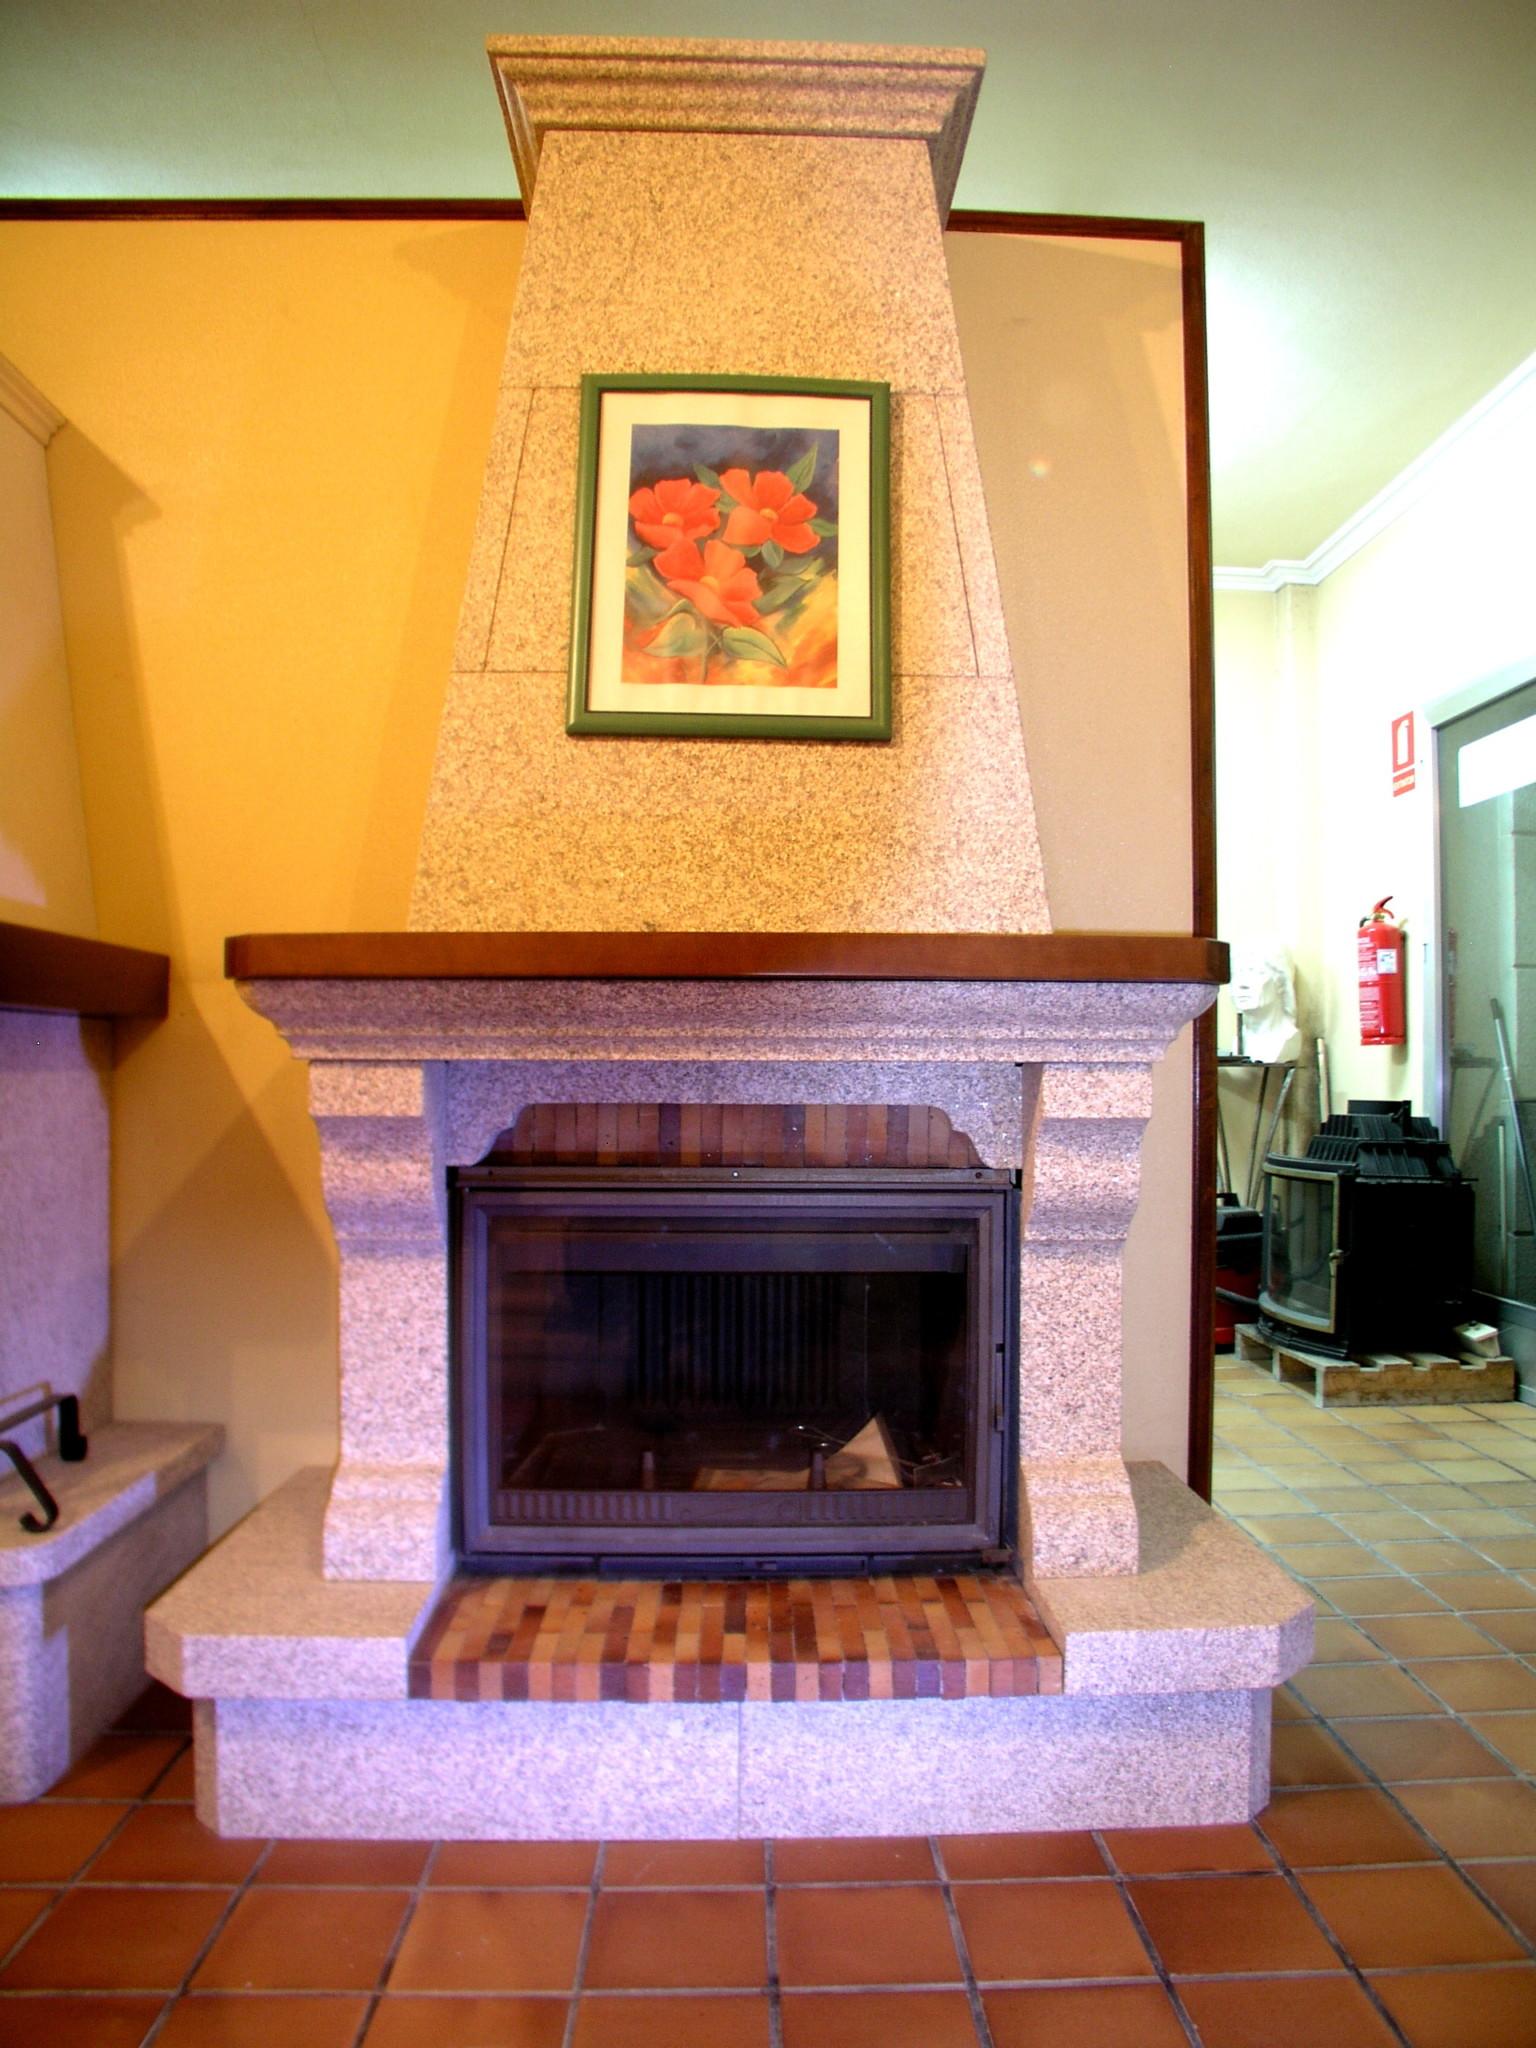 Construcci n de chimeneas de piedra antonio rosales - Chimeneas para decorar ...